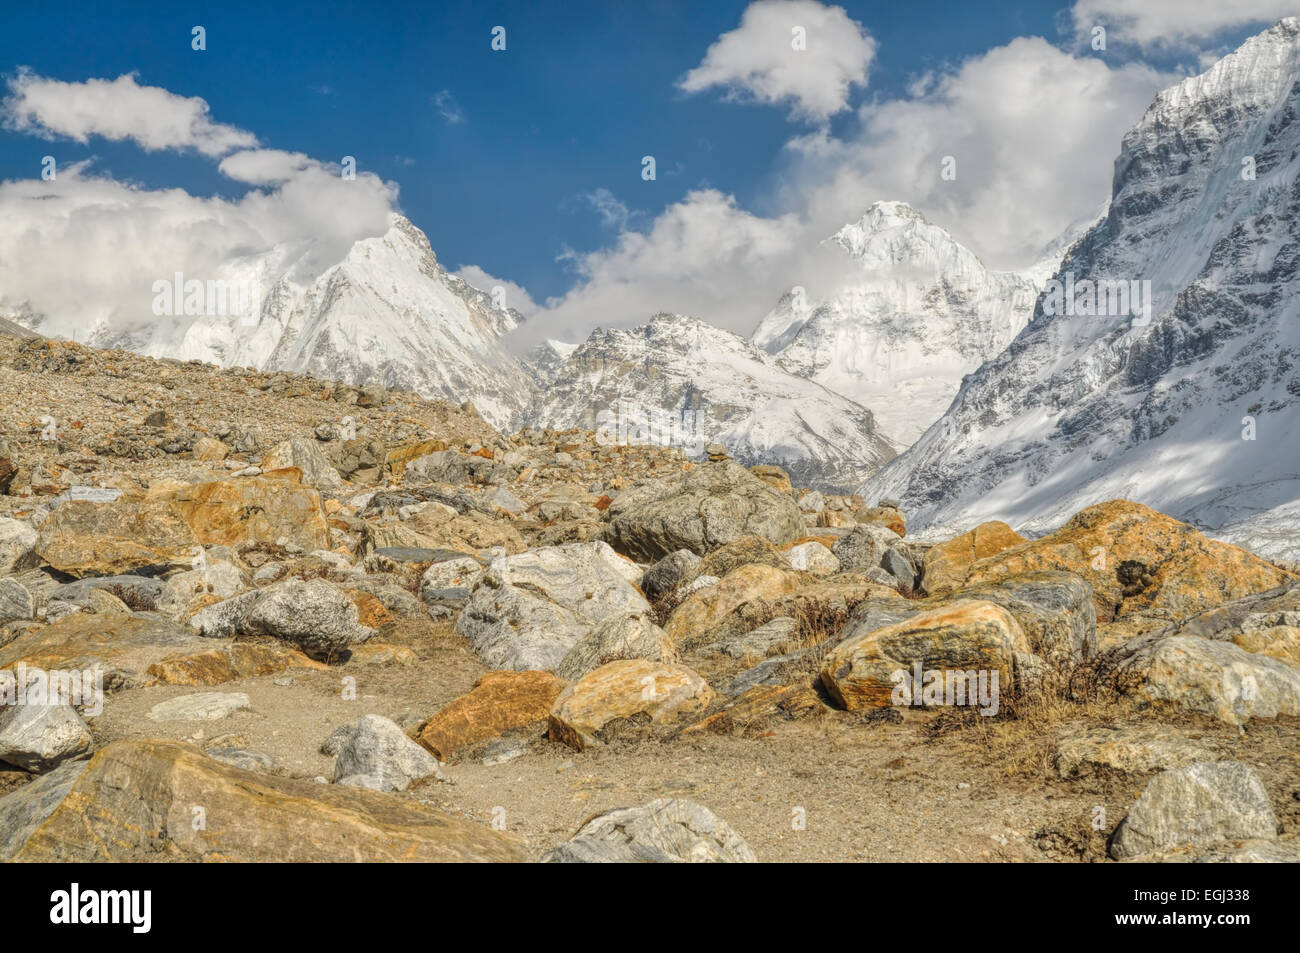 Panorama der schneebedeckten Berge, die in einem felsigen Tal abfallenden Stockbild